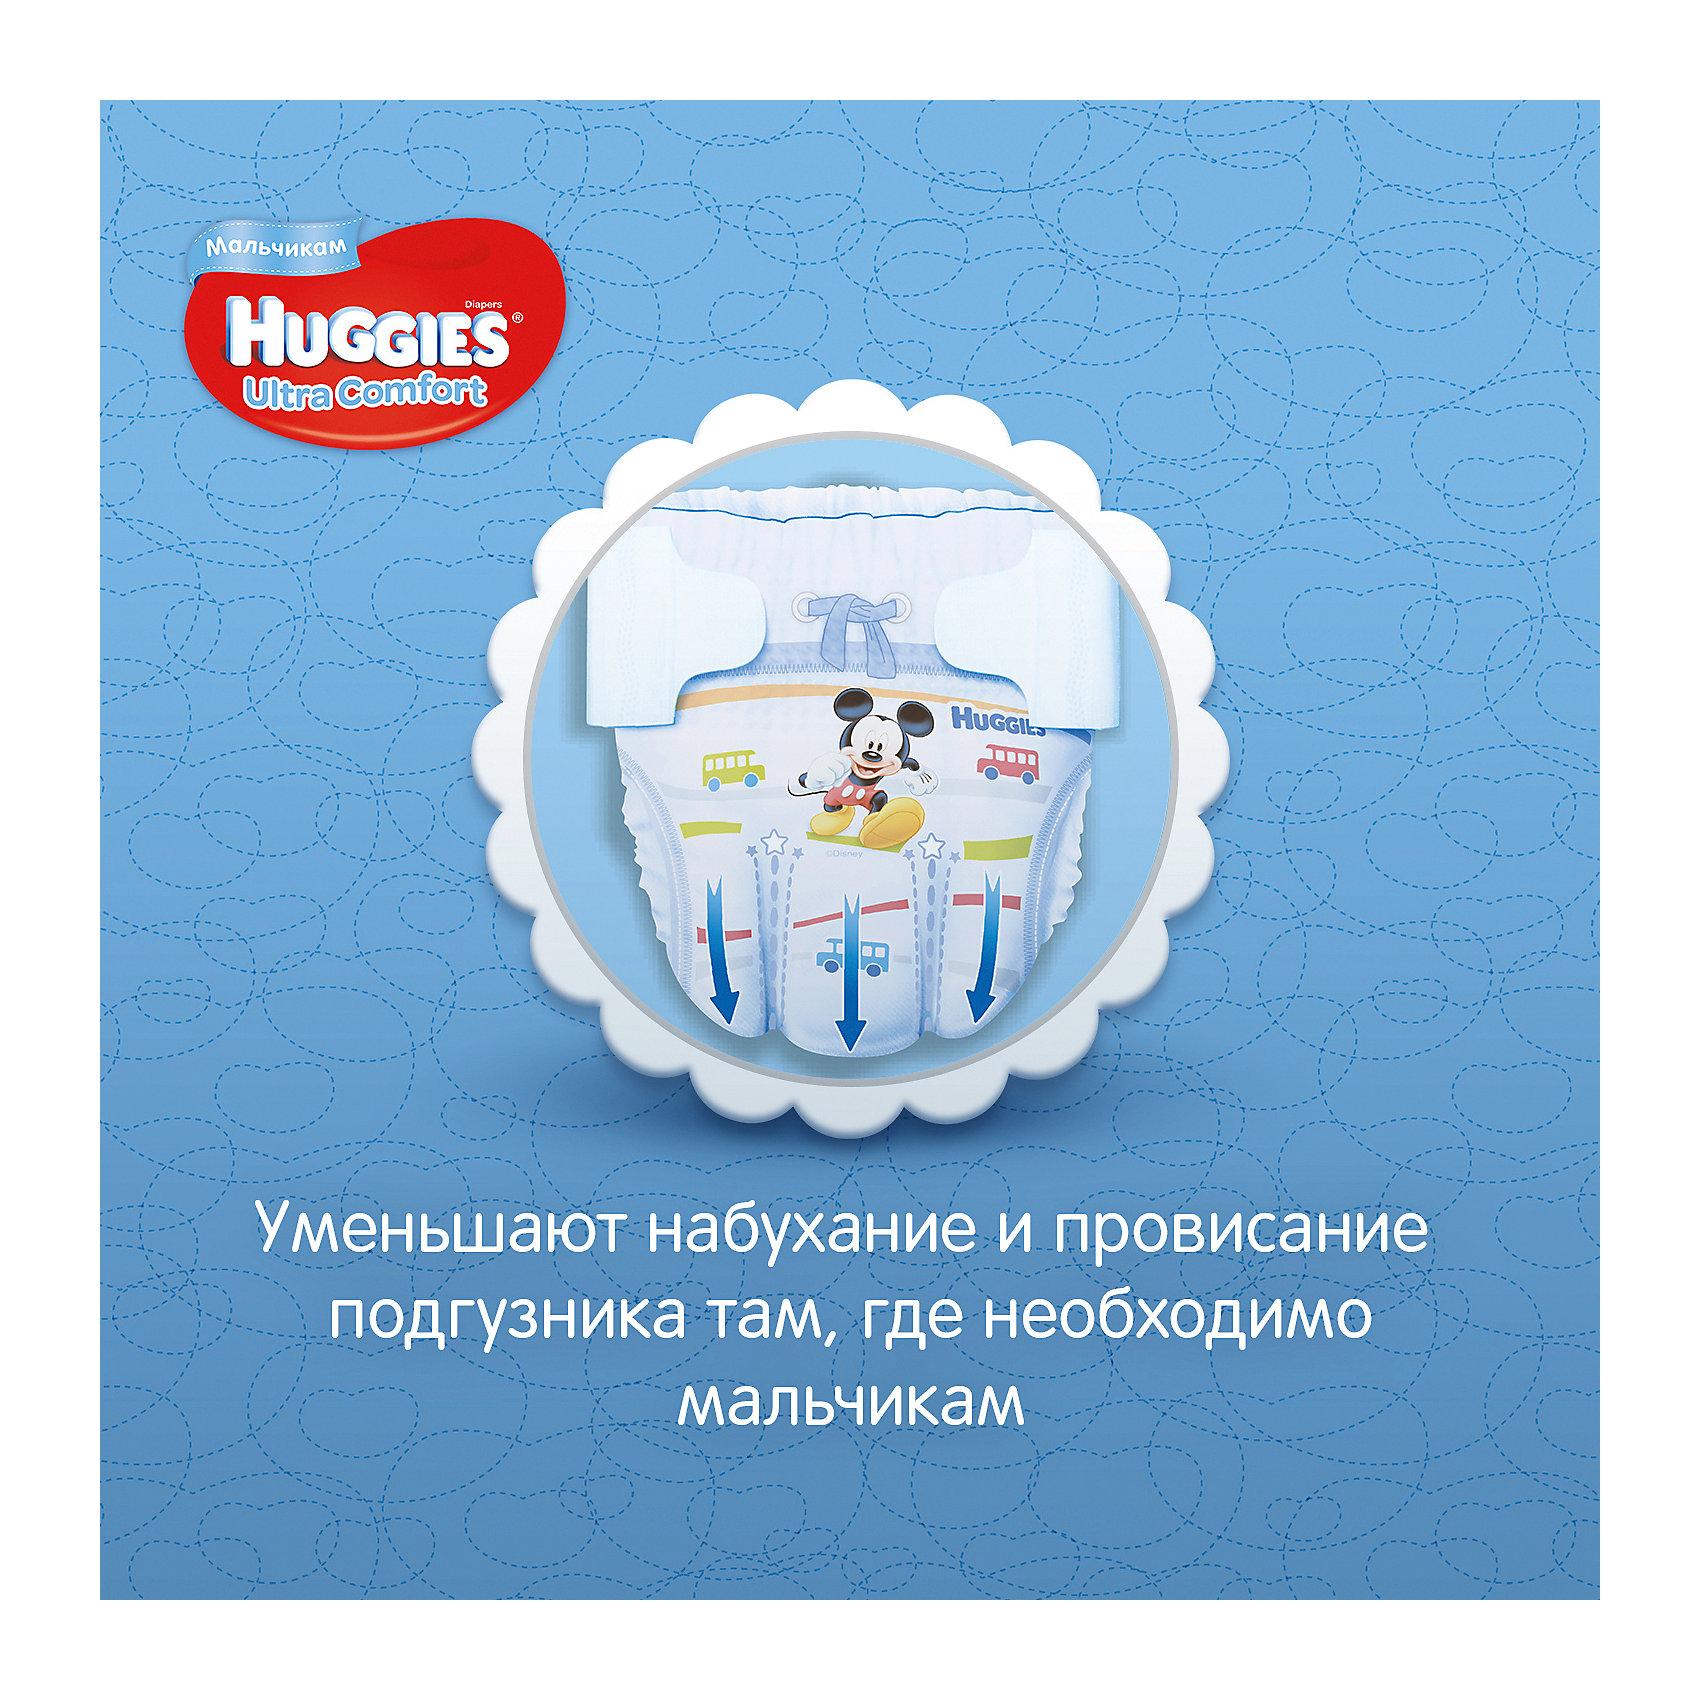 Подгузники Huggies Ultra Comfort 3 для мальчиков, 5-9 кг, 21шт.